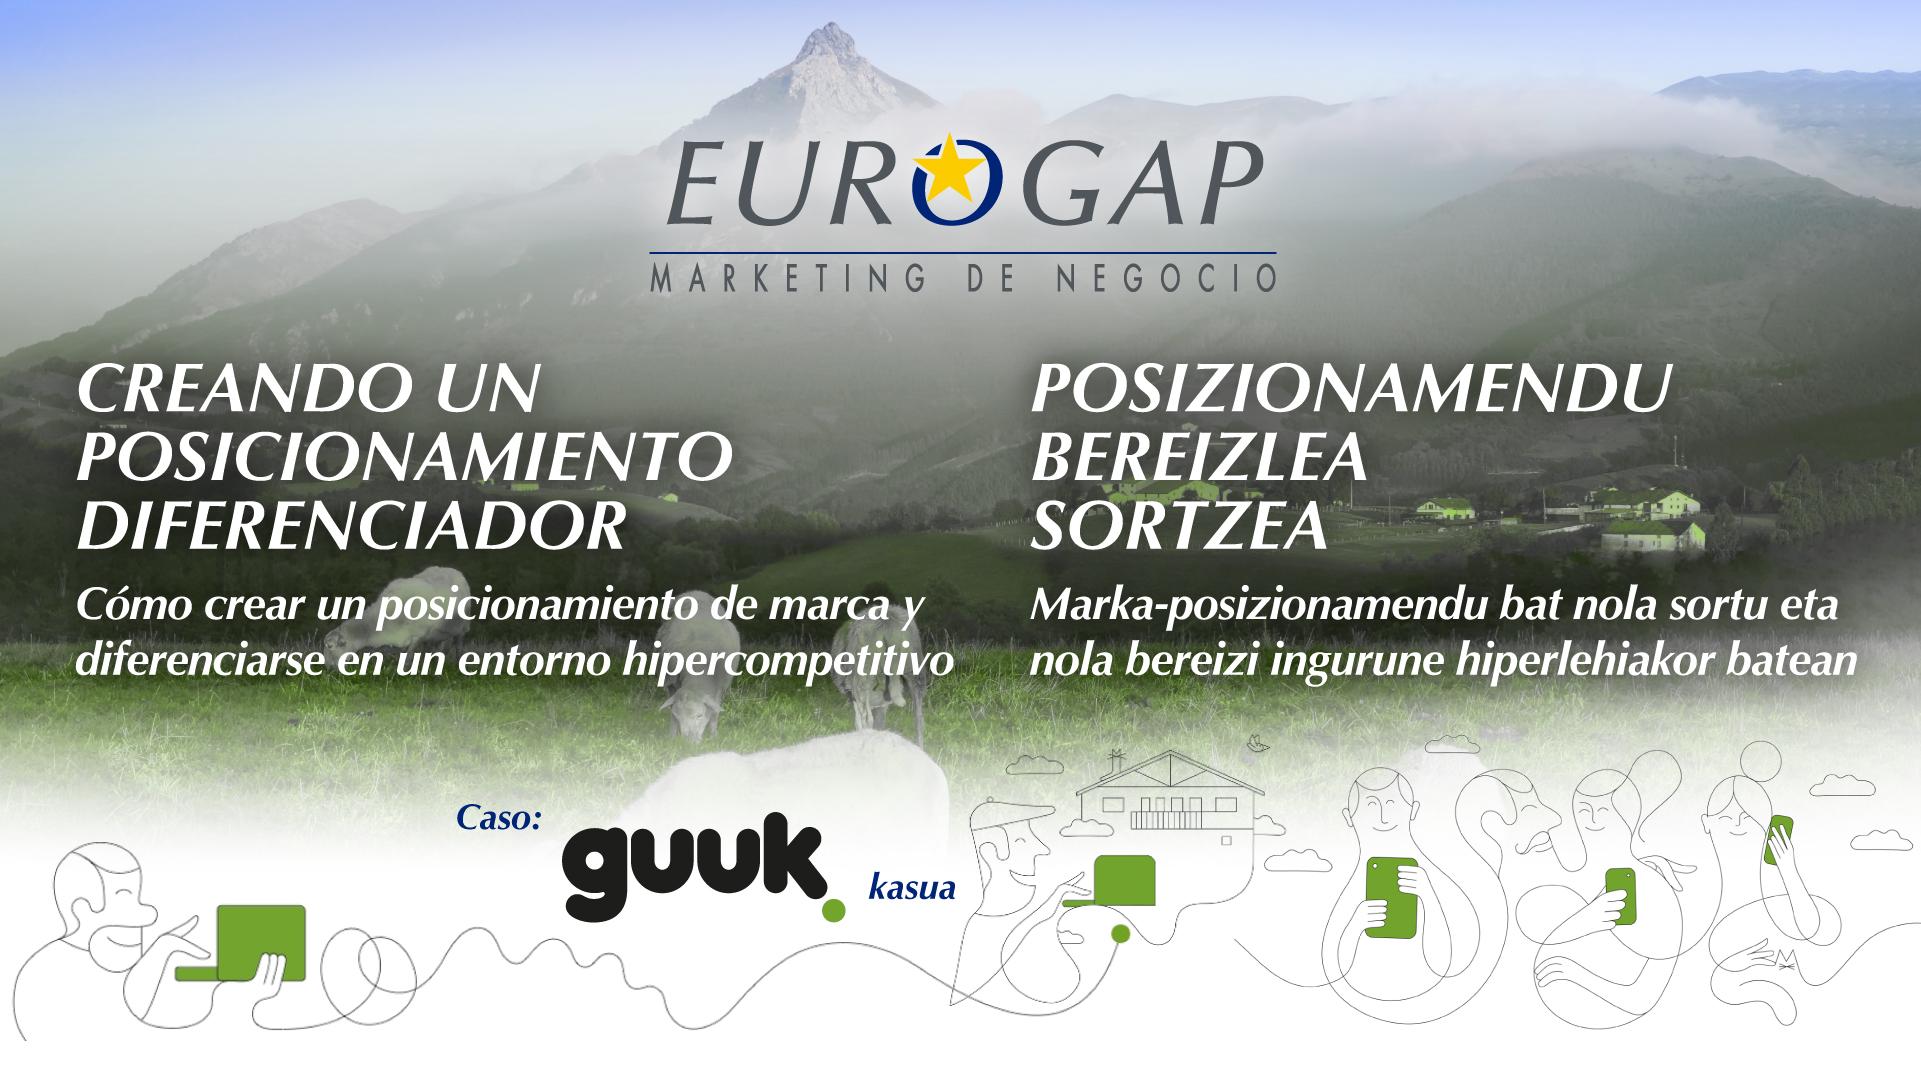 Encuentro de marketing EUROGAP: Creando un posicionamiento negociador